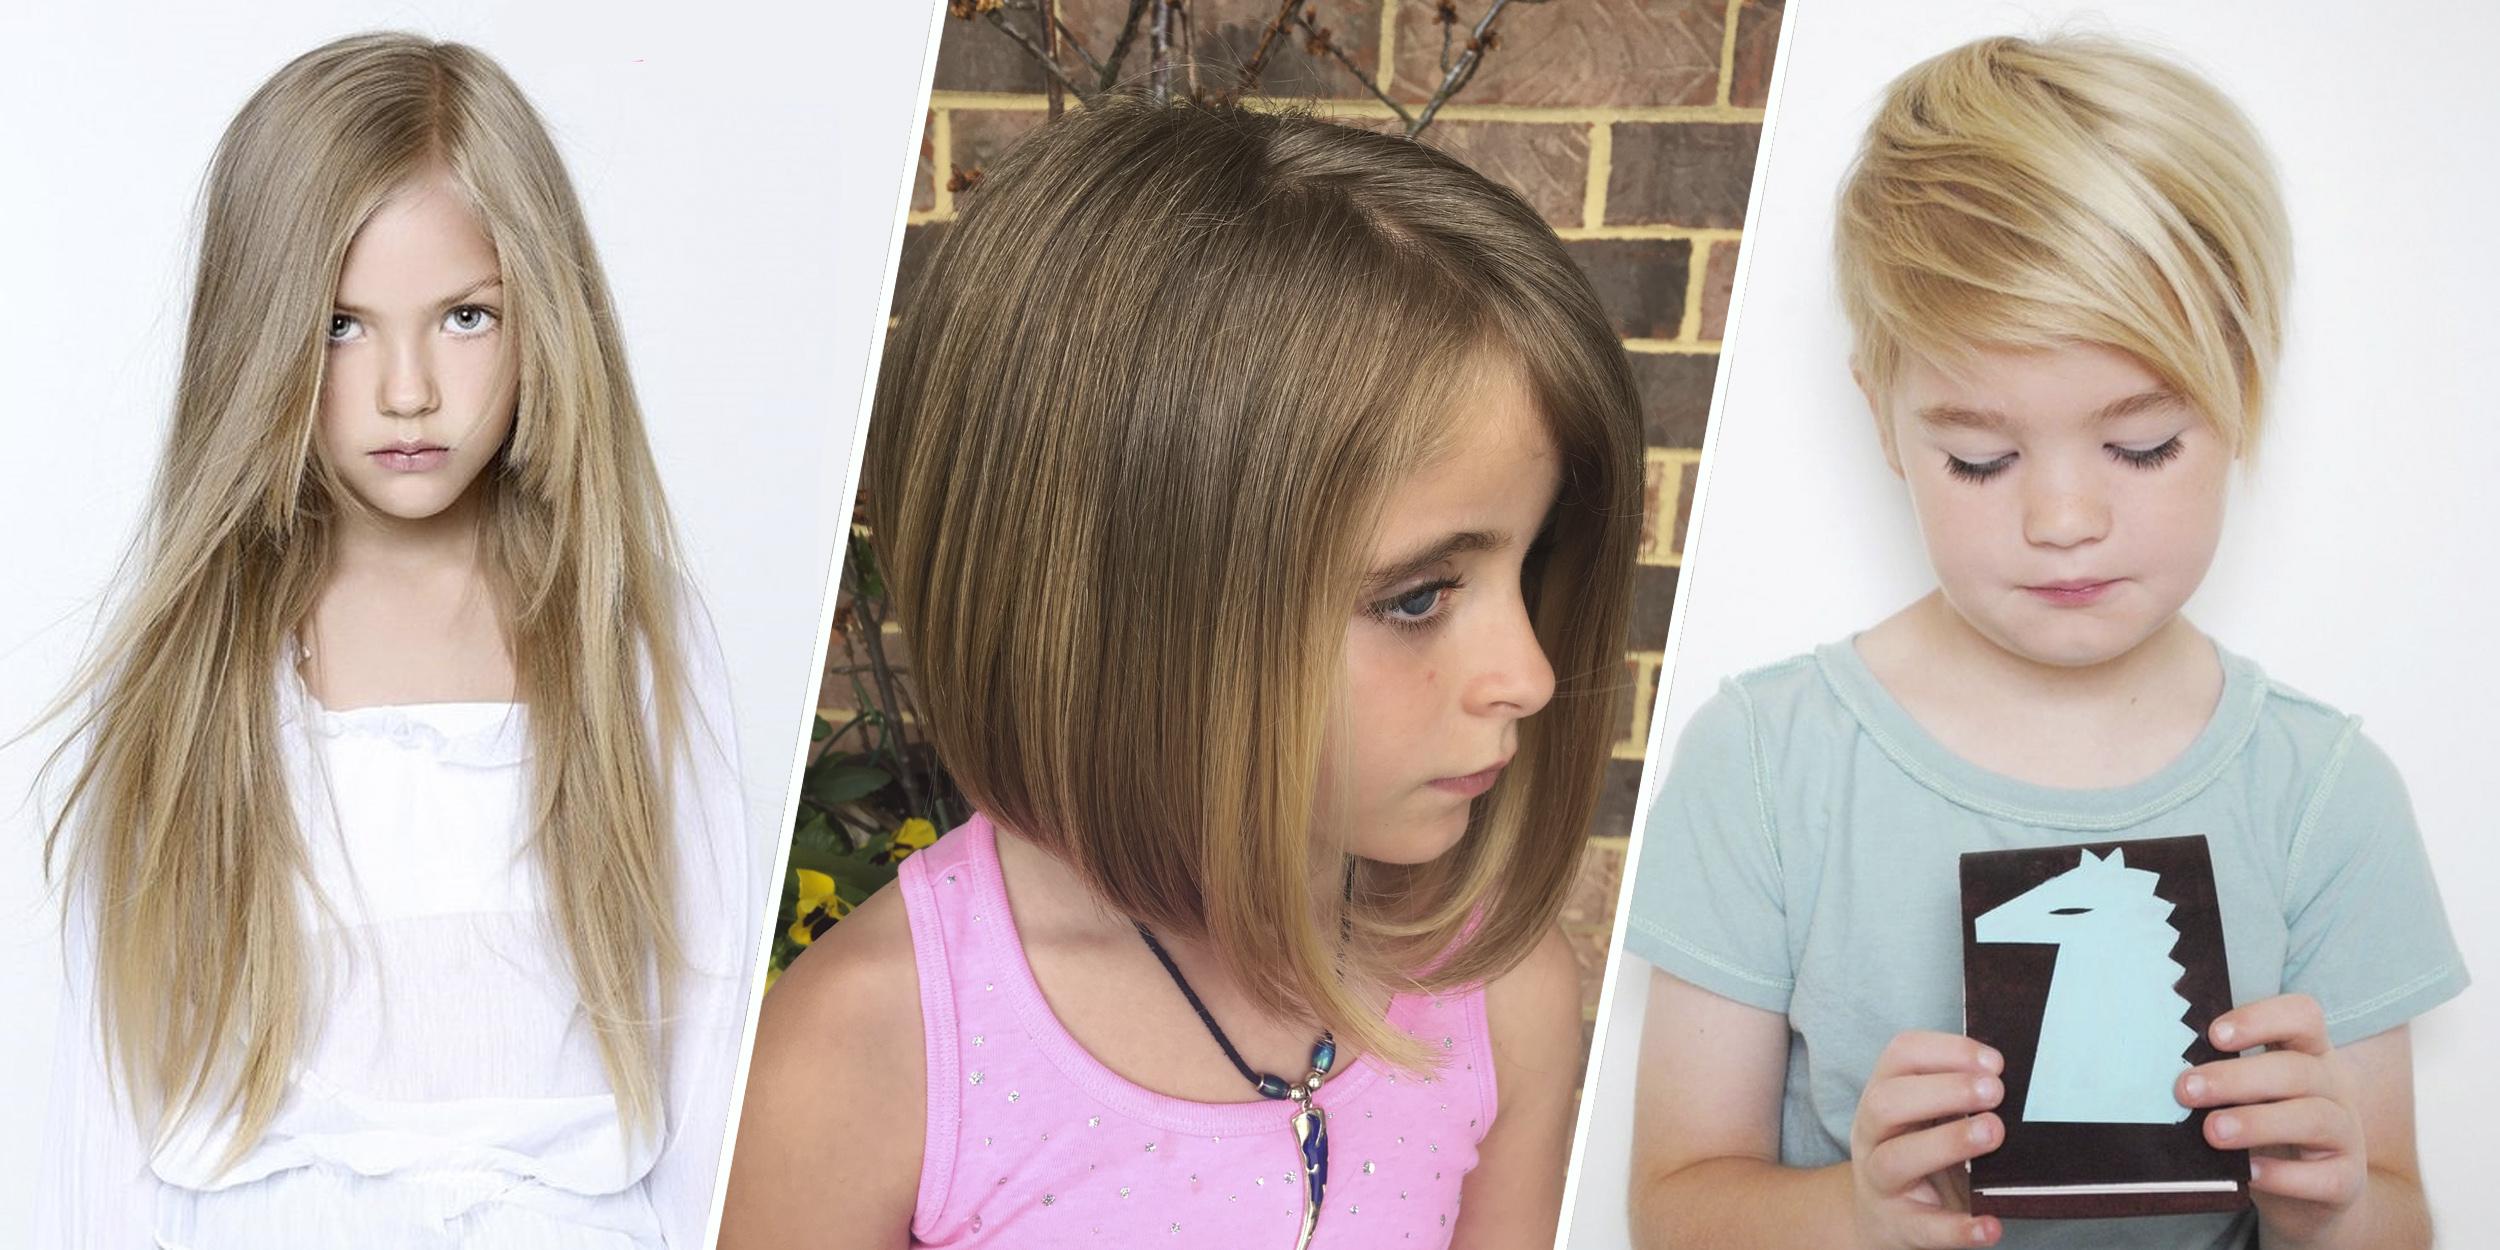 7 самых модных стрижек для девочек